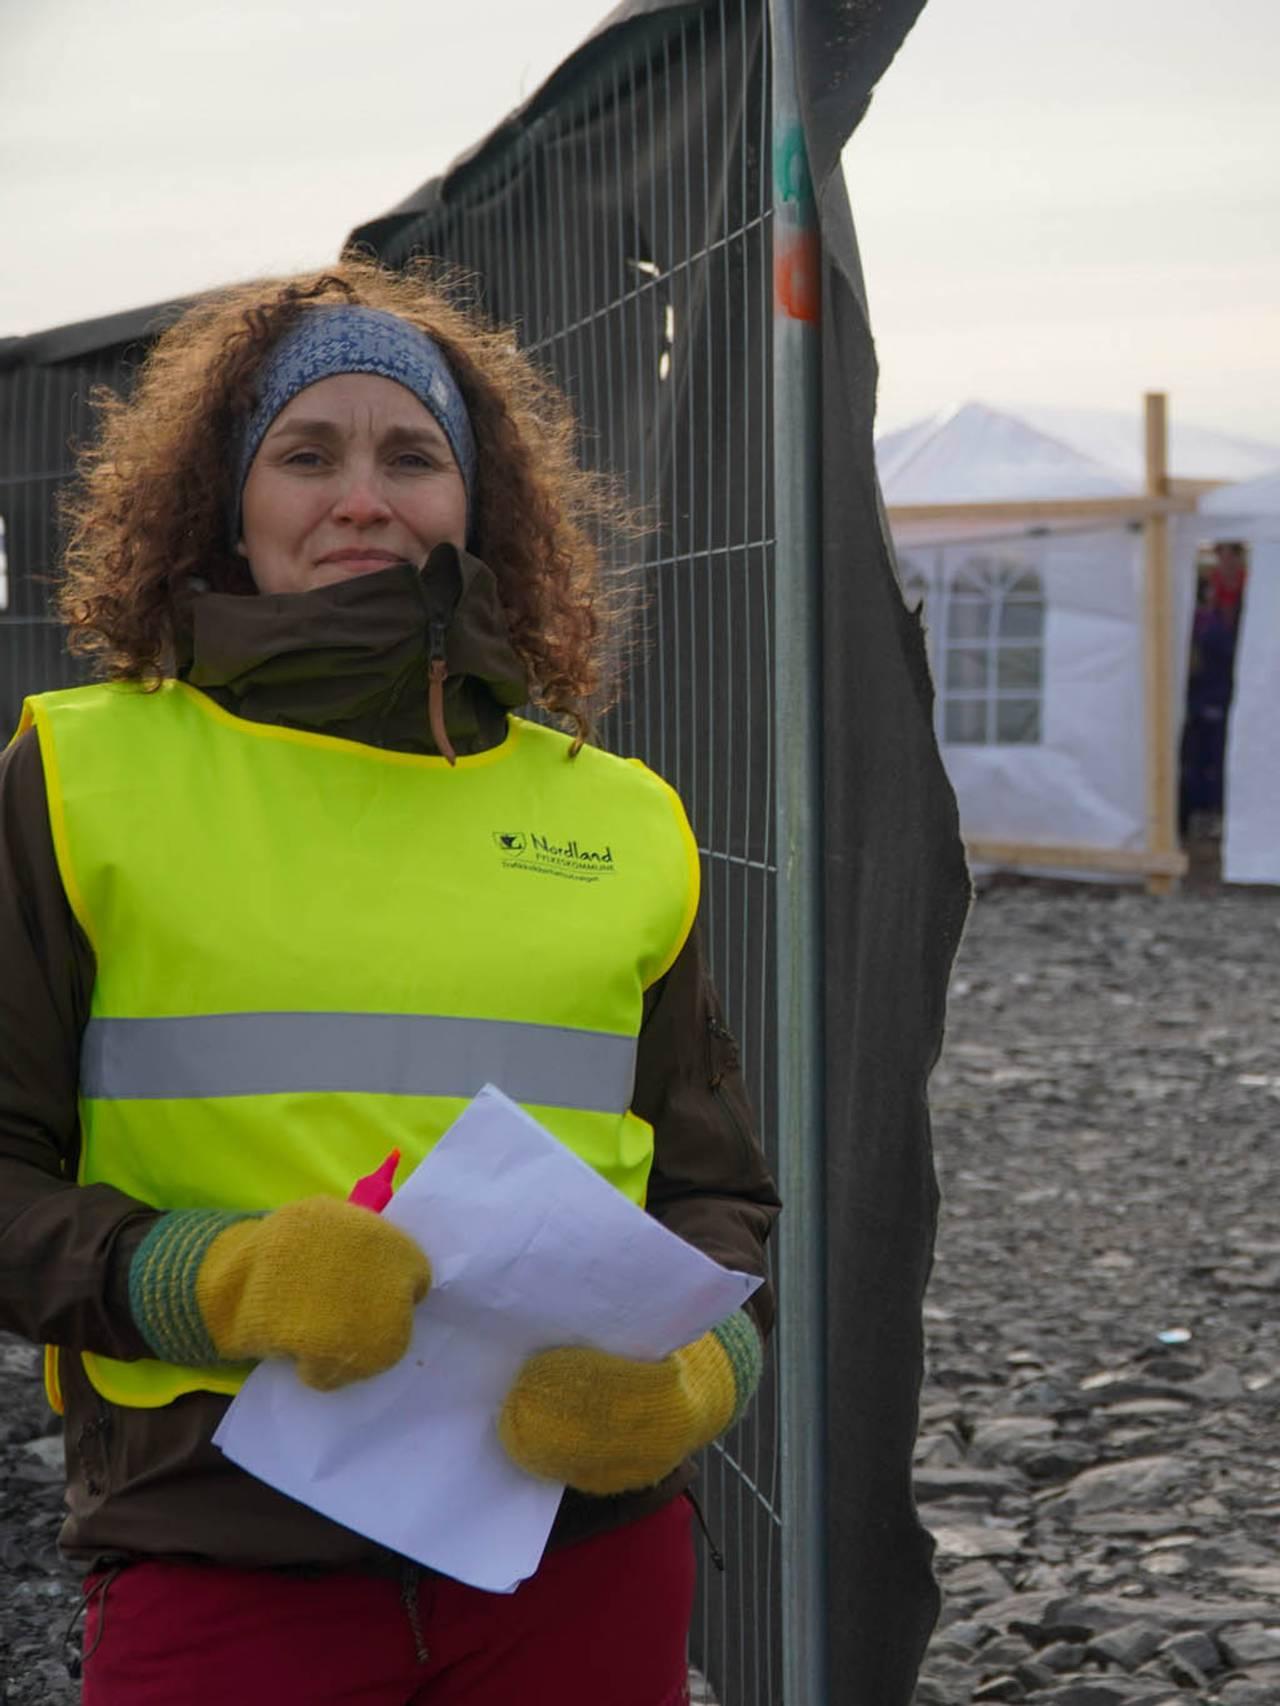 Mødre som hjelpte russen med russecampen på Langstranda i Bodø i mai 2021.